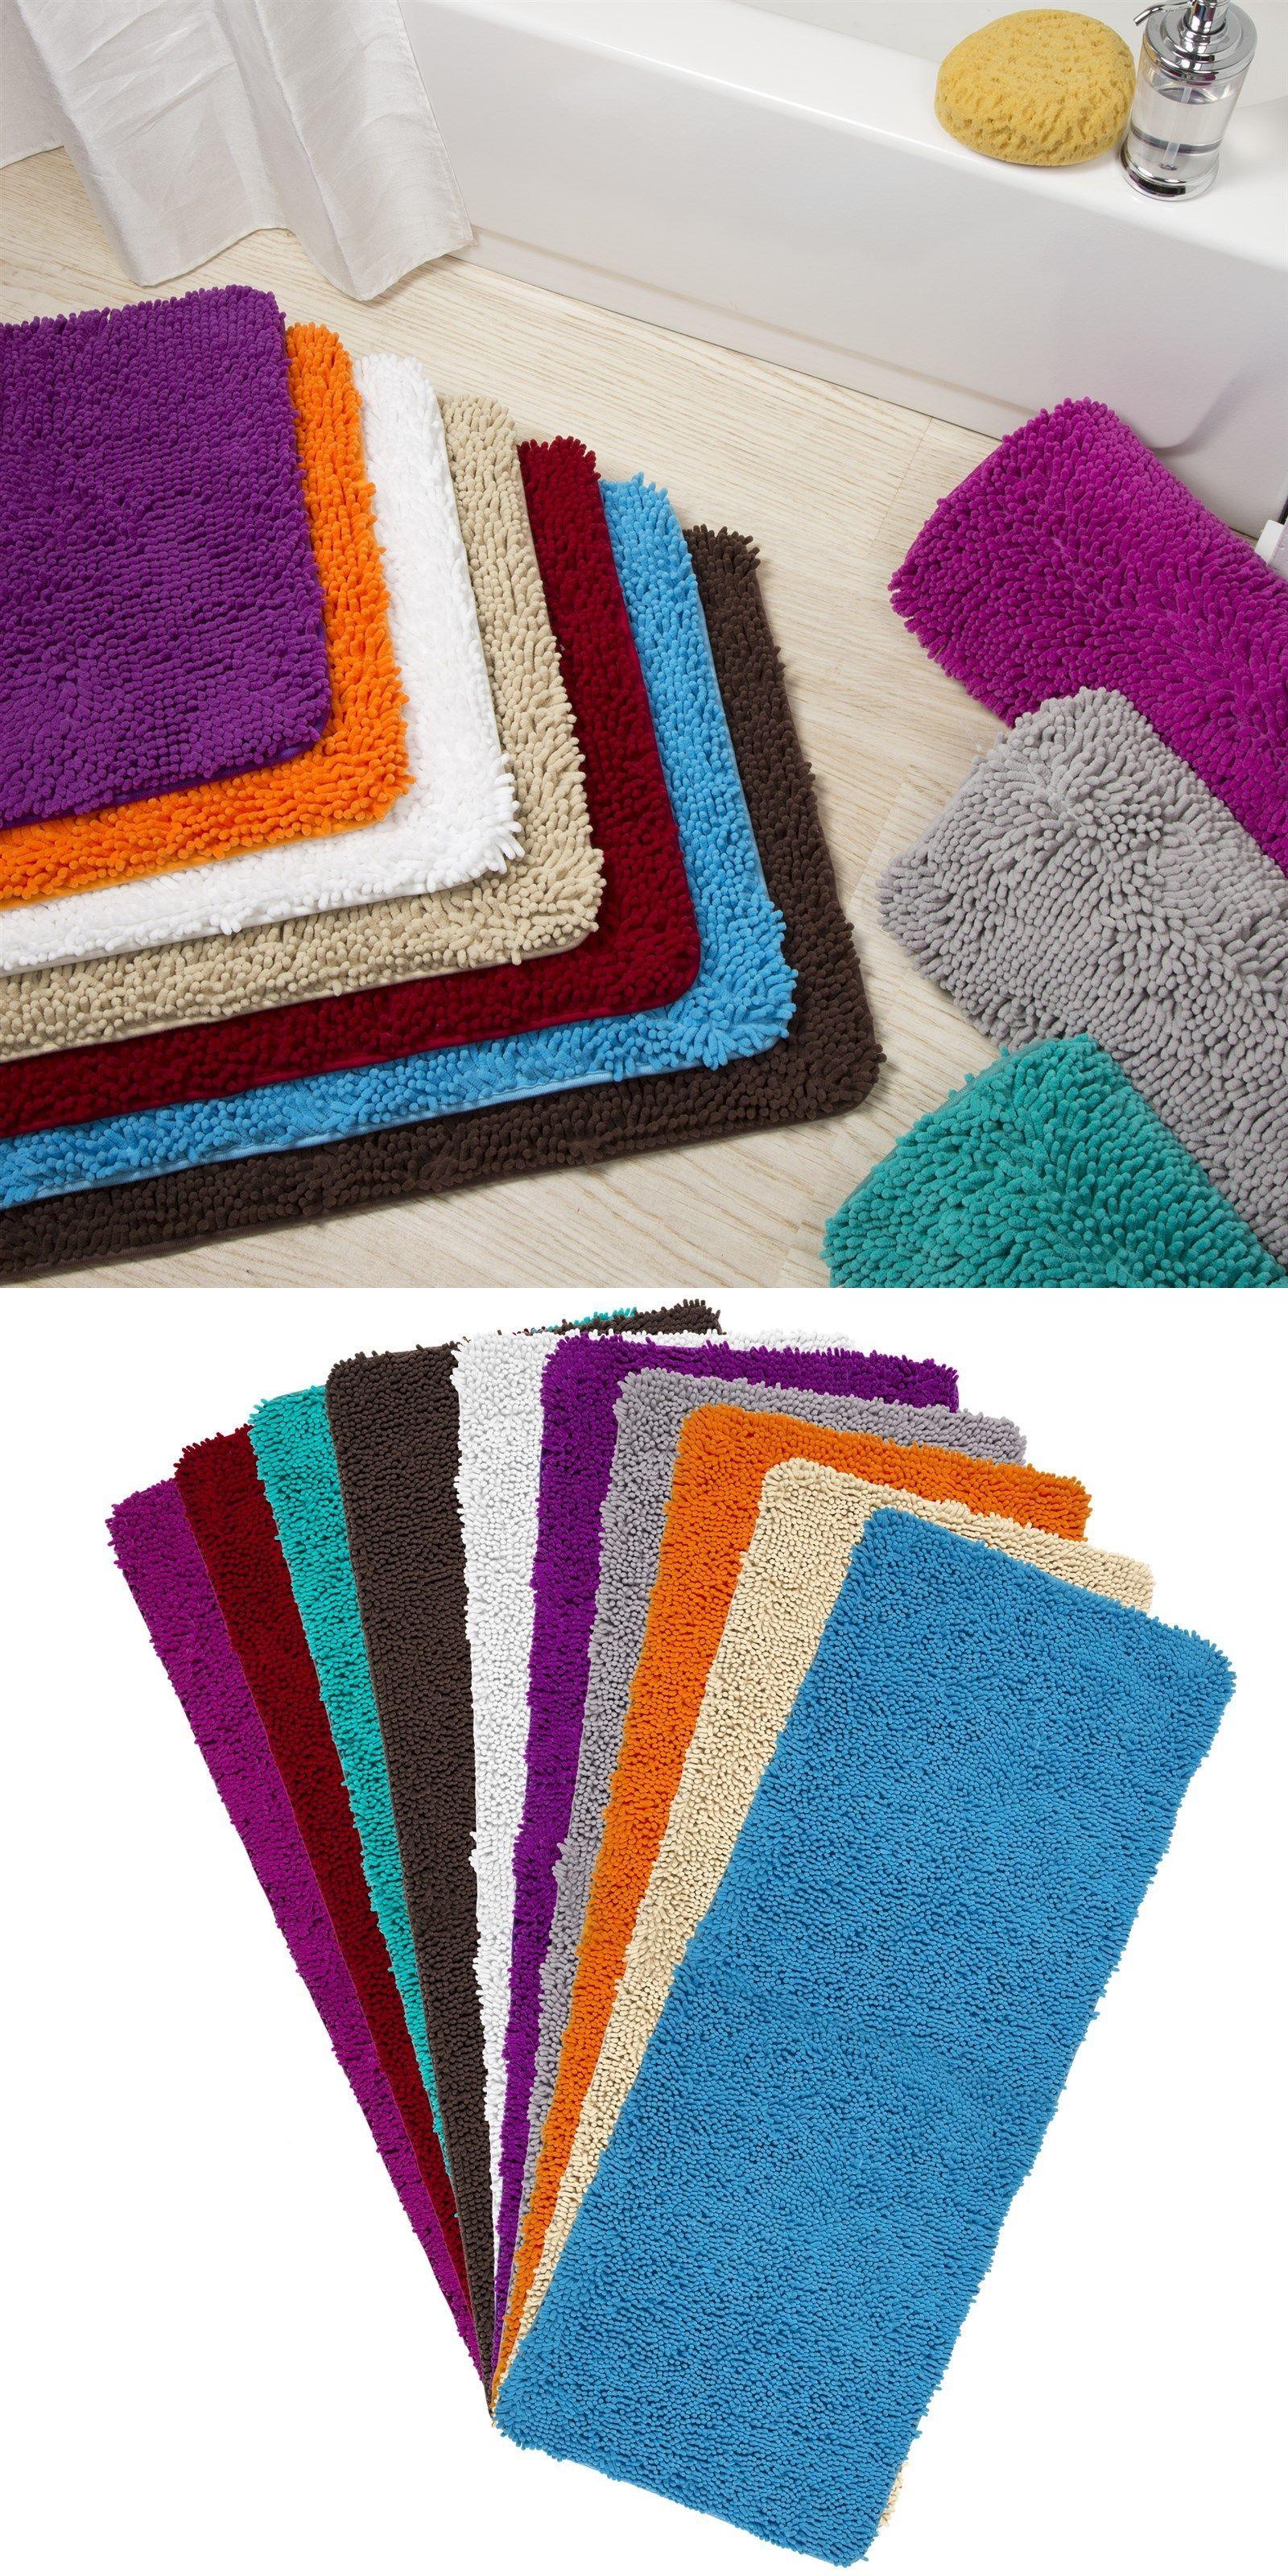 Memory Foam High Pile Shag Rug 24 X 60 Bathroom Mat Long Non Slip Shag Rug Rugs Memory Foam [ 3200 x 1600 Pixel ]